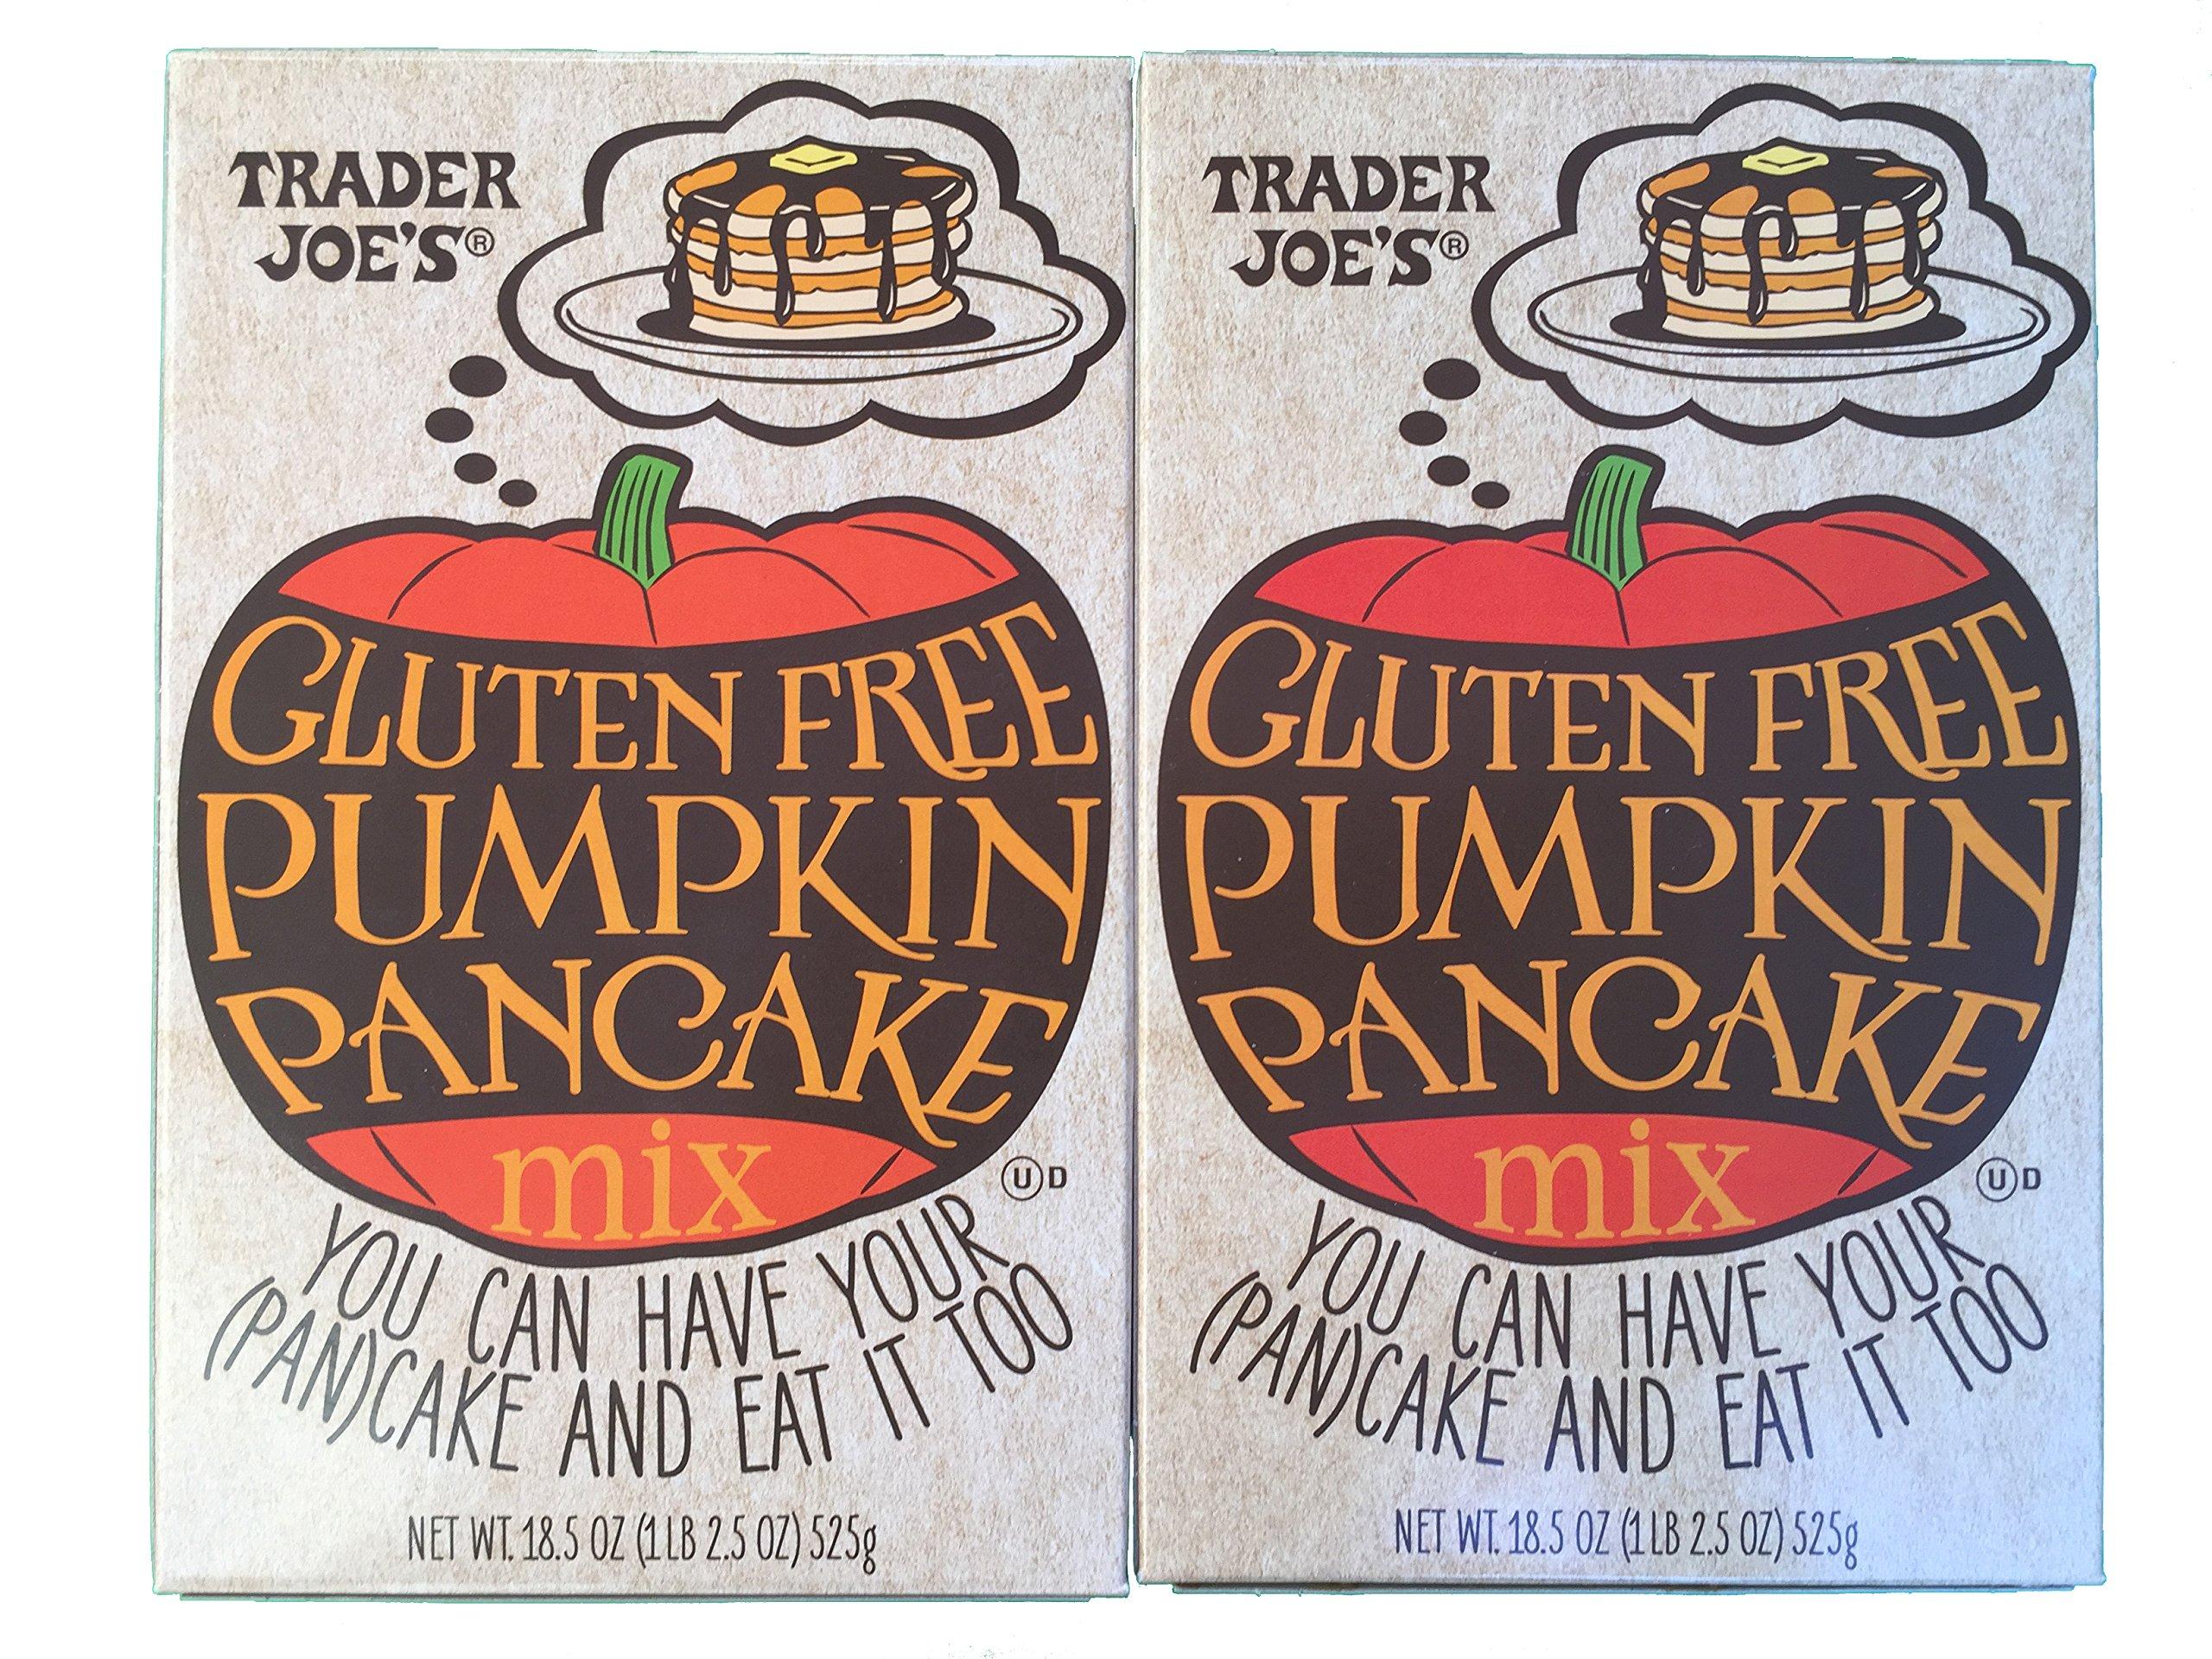 Trader Joes Gluten Free Pumpkin Pancake Mix - 18.5oz (Pack of 2) by Trader Joe's